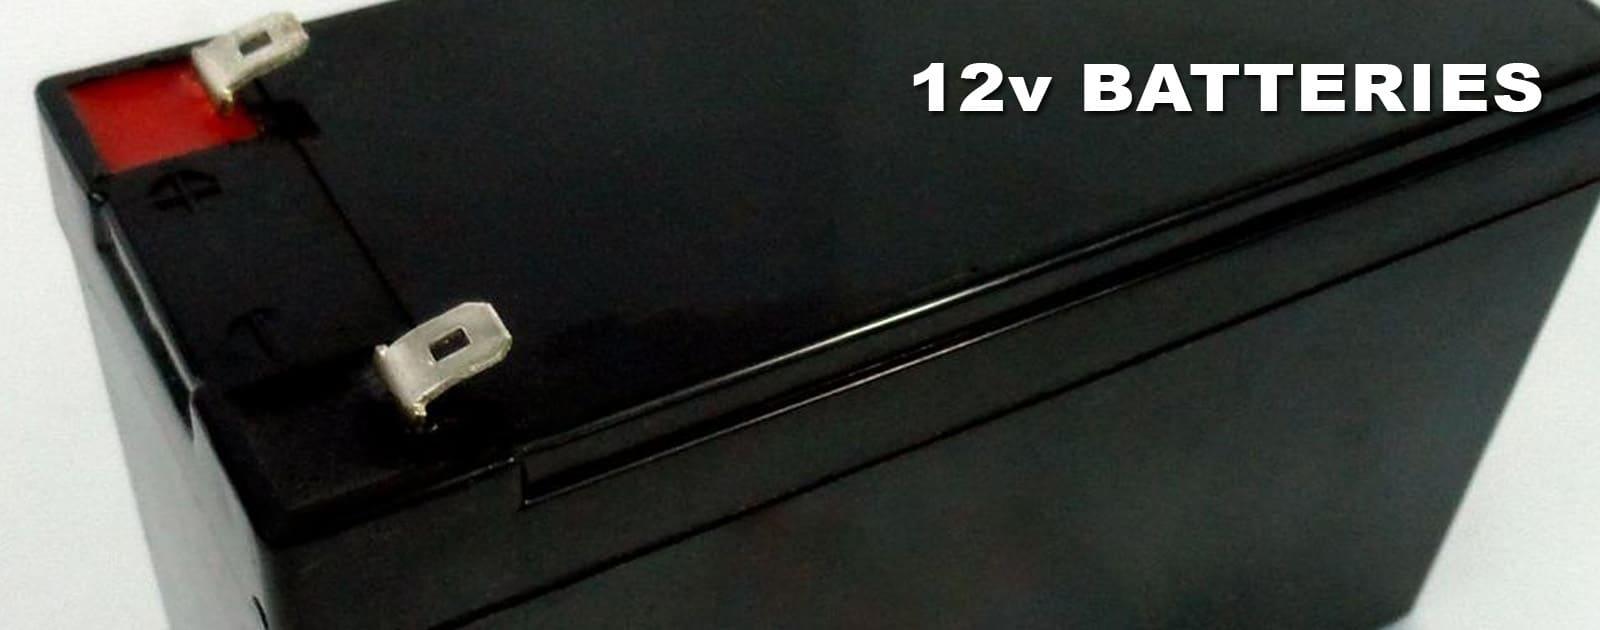 12v battery | 12v Batteries